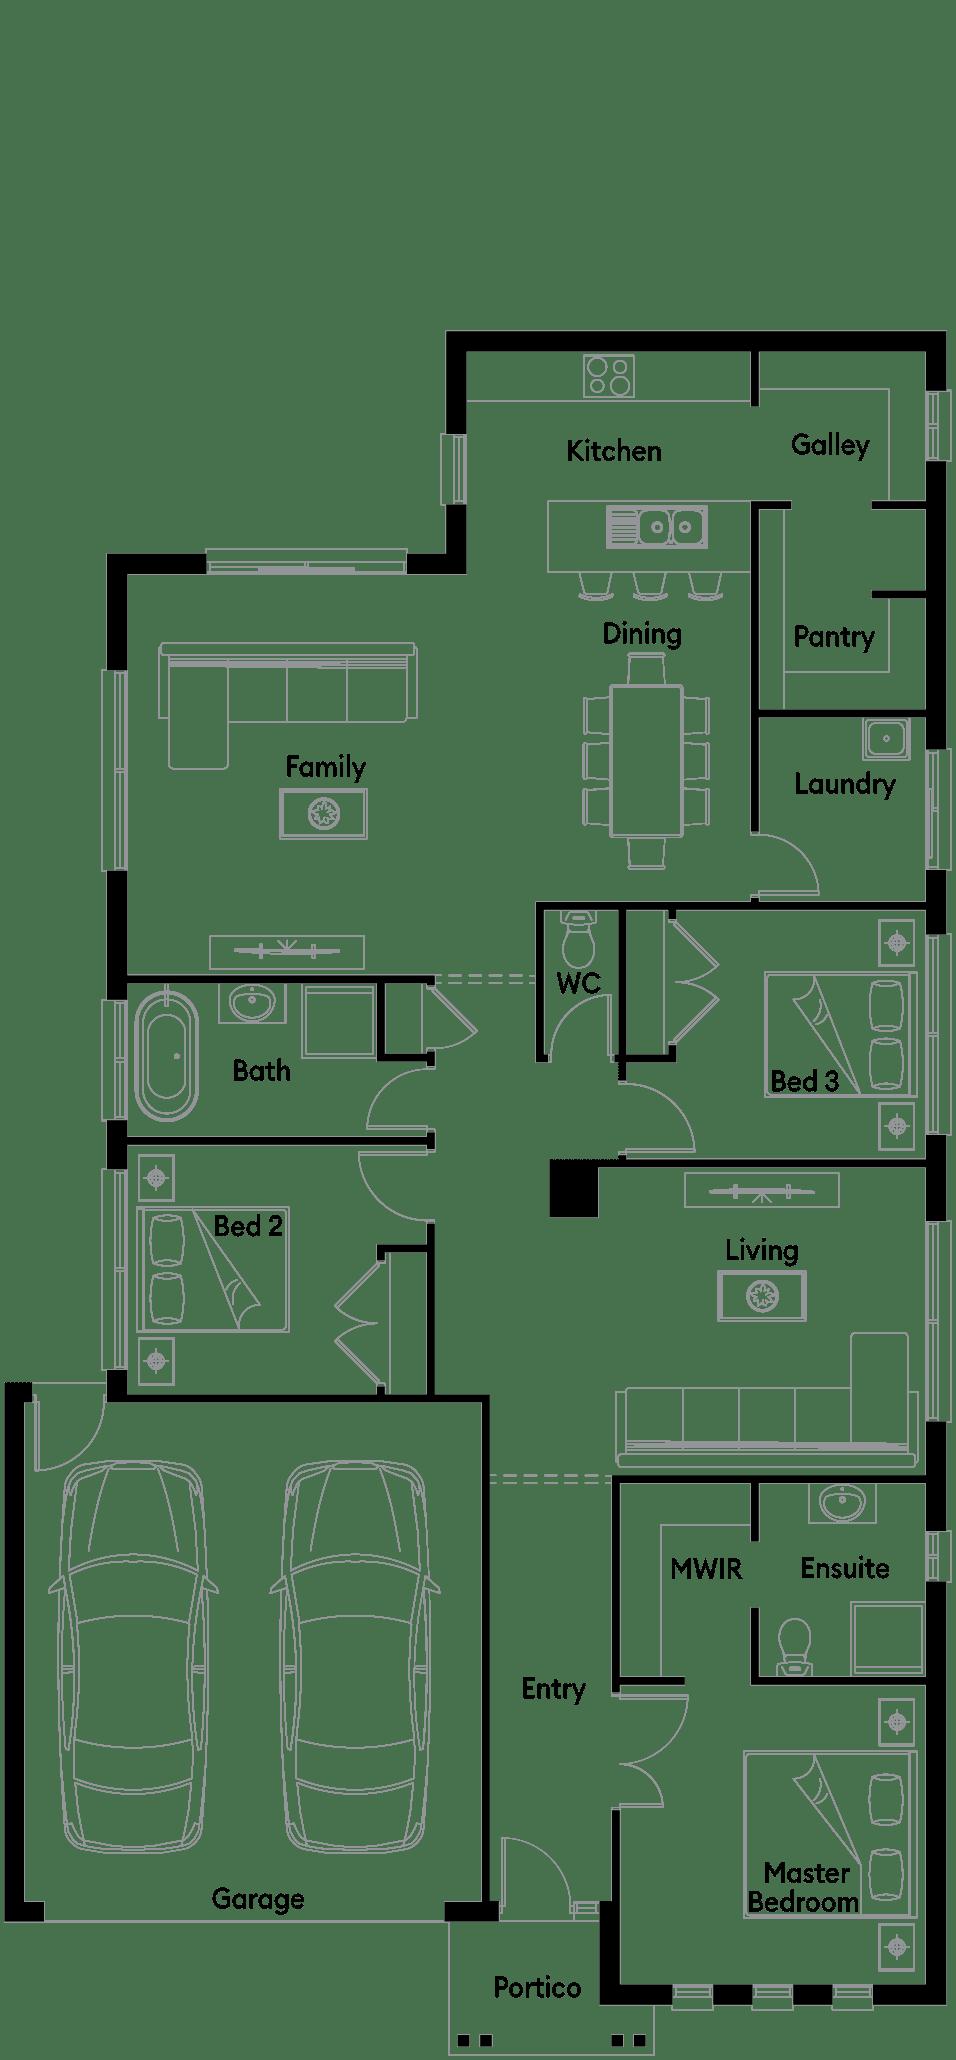 FloorPlan1_HOUSE763_Midland_21-3